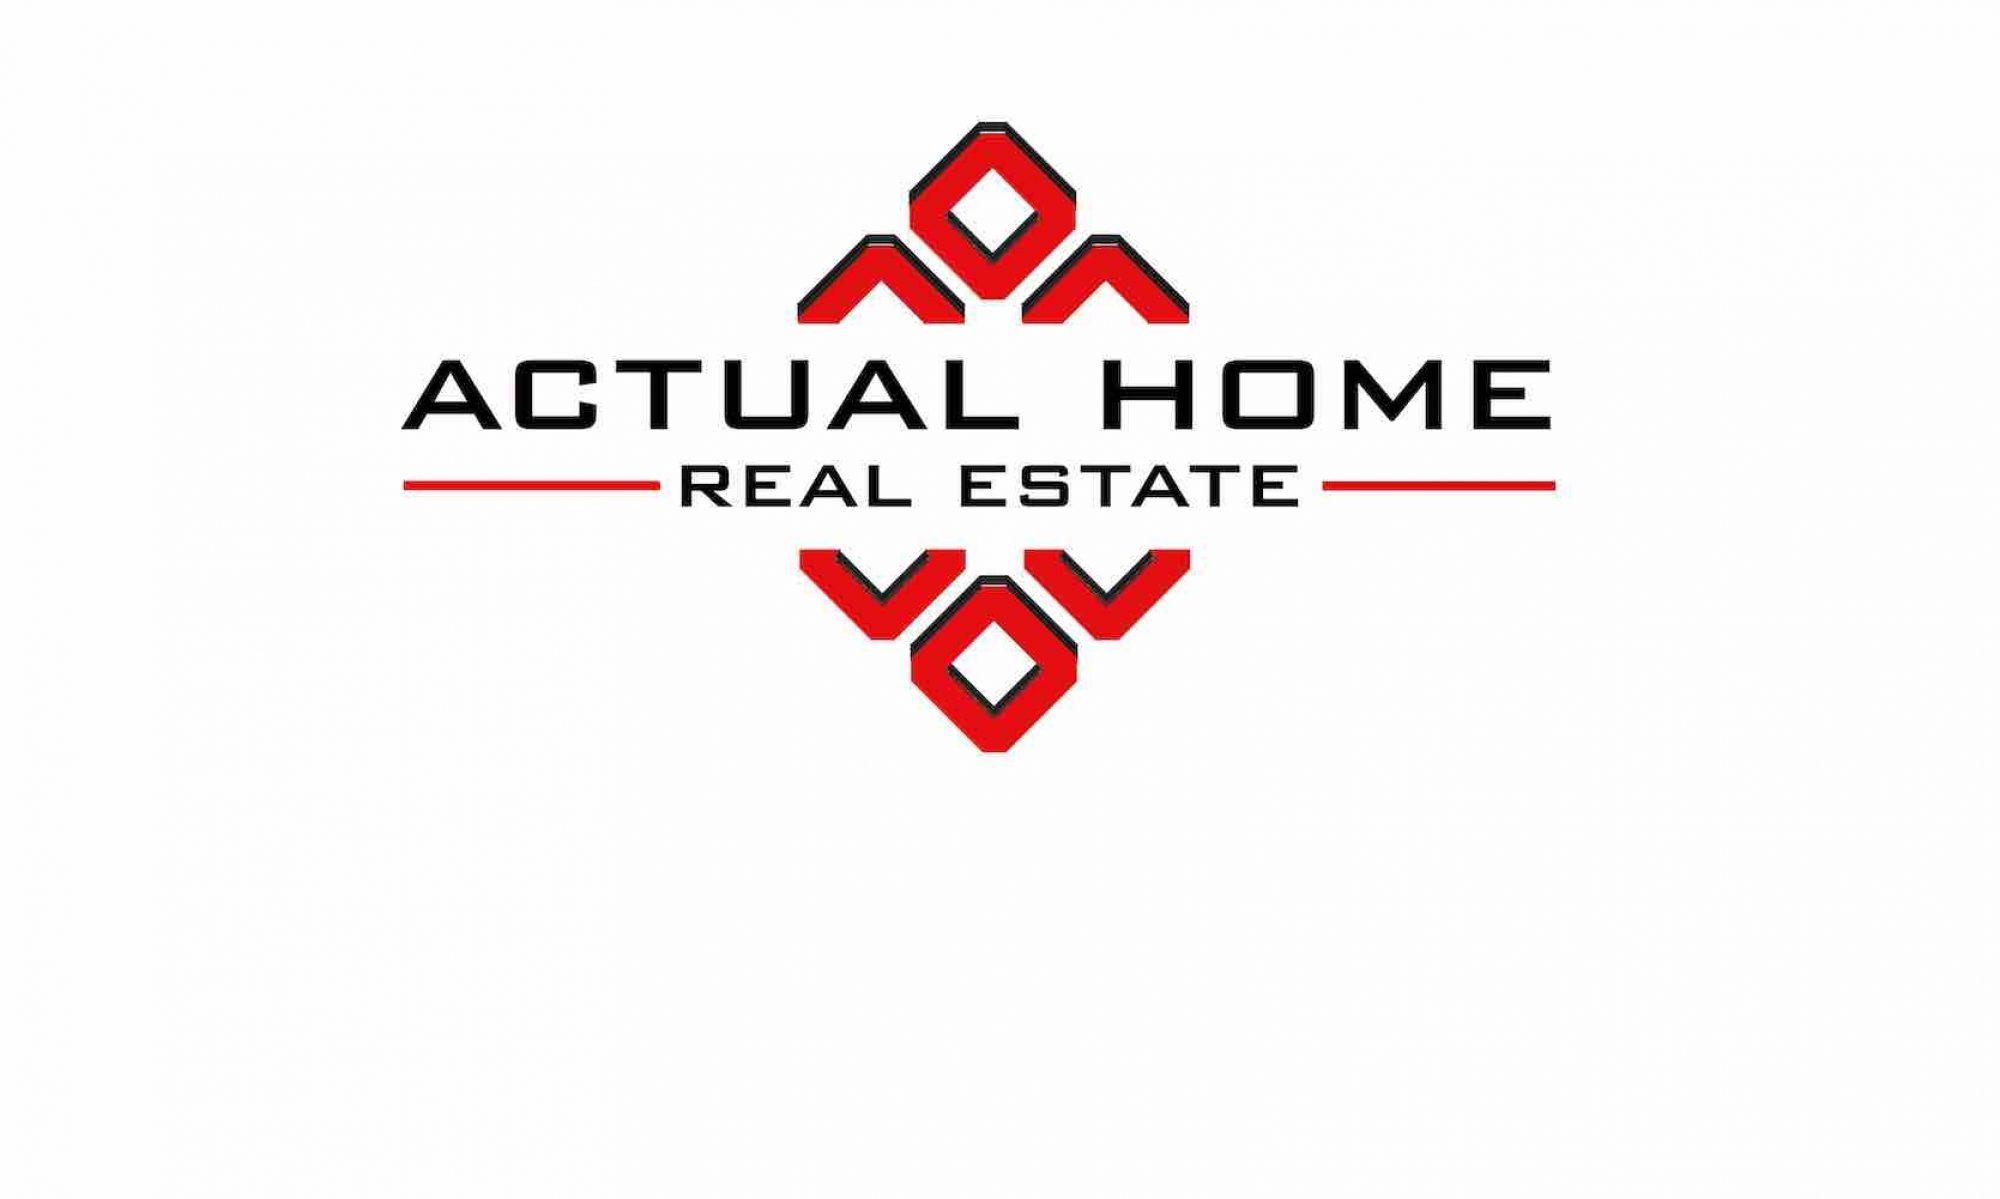 ACTUAL HOME